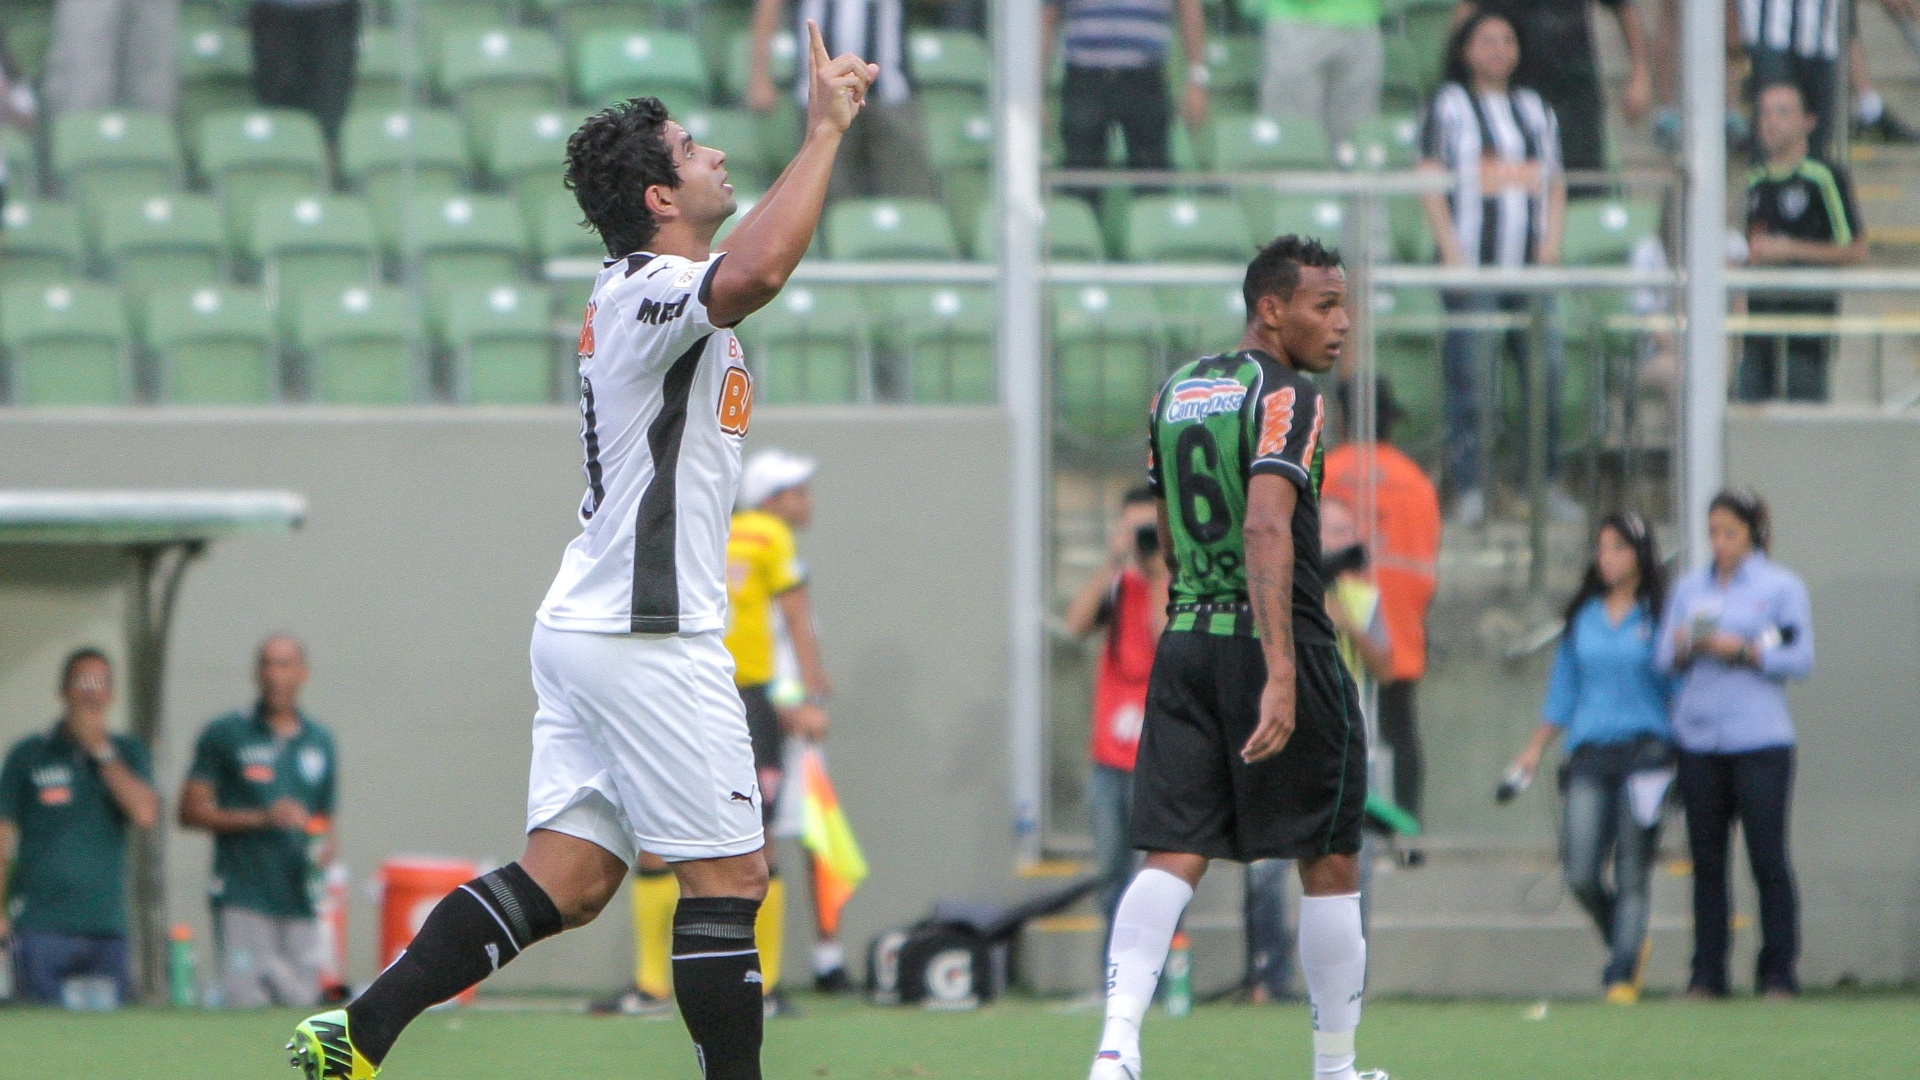 23 mar. 2014 - Atacante Guilherme comemora gol na vitória do Atlético-MG sobre o América-MG, por 4 a 1, no Independência